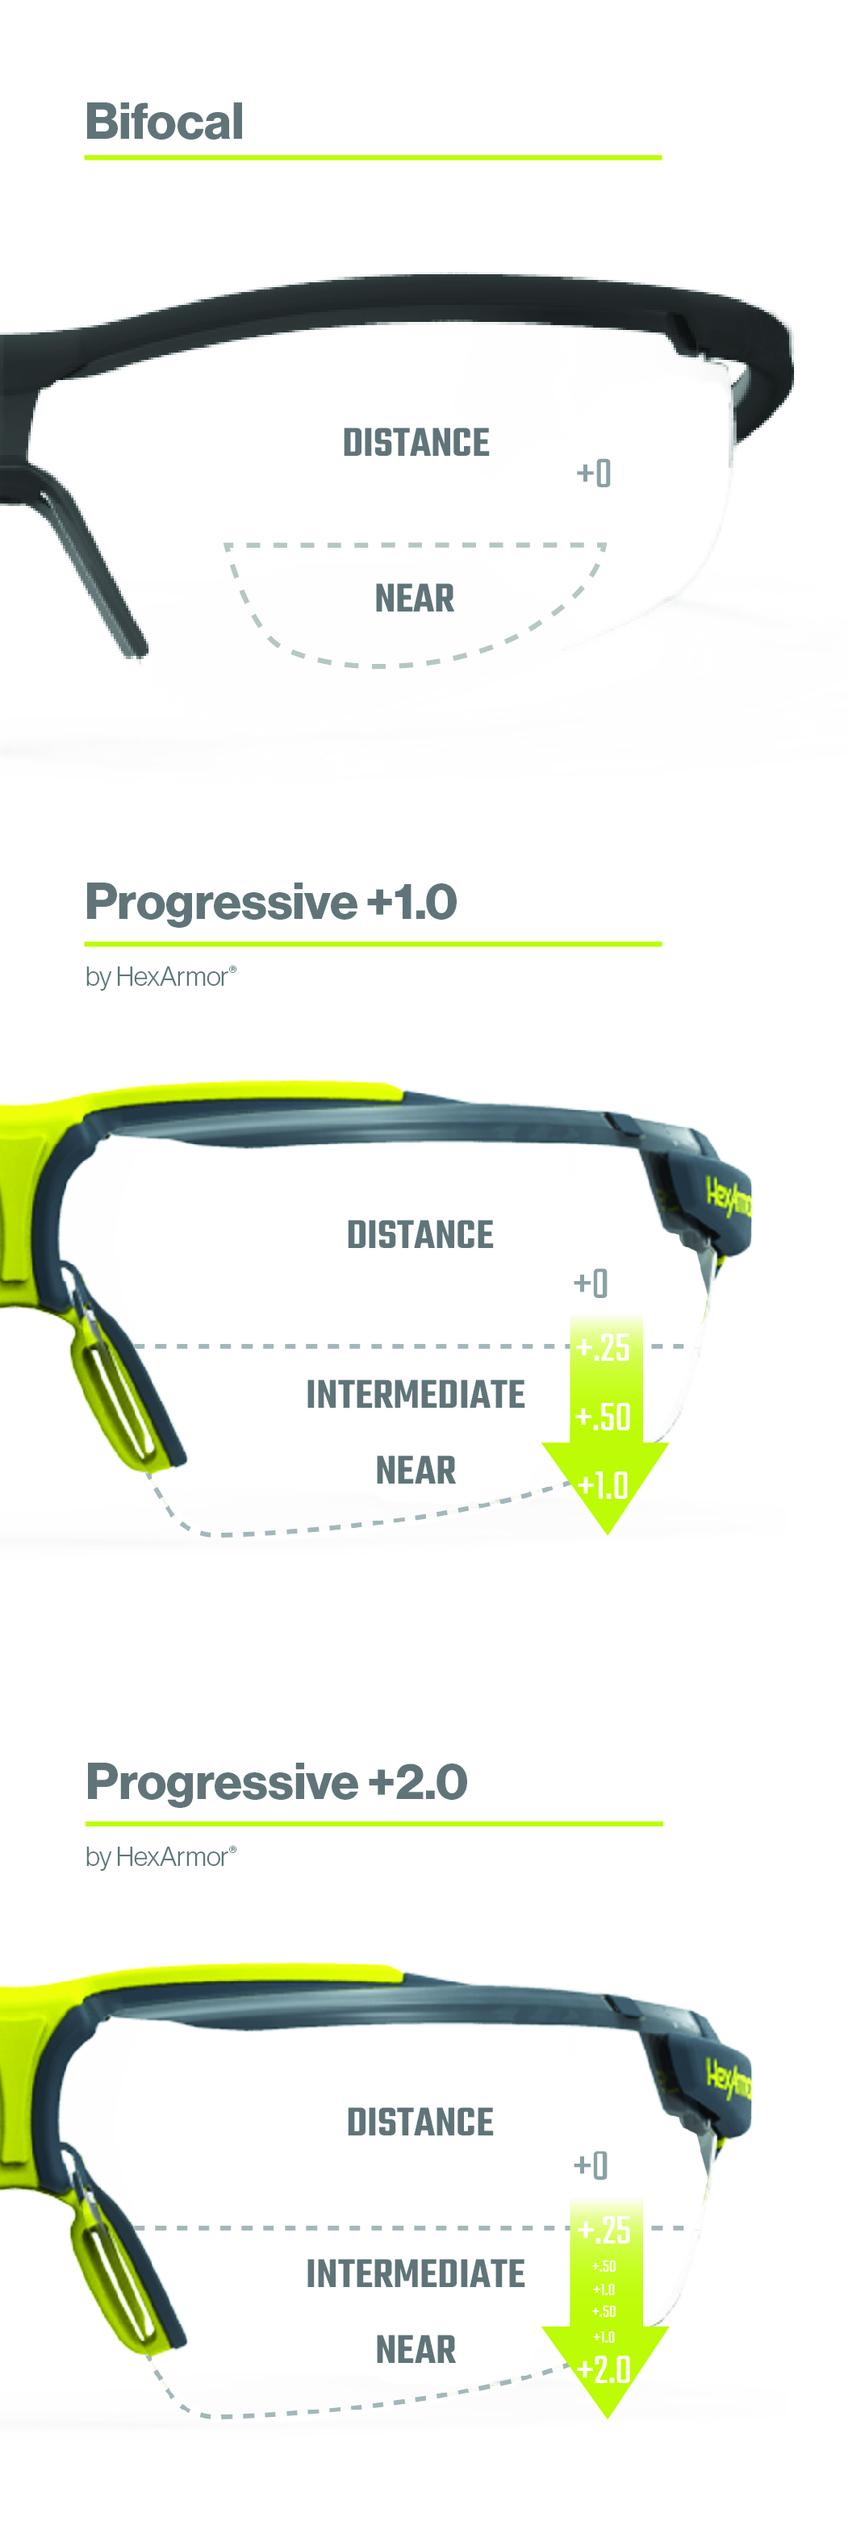 Bifocal Lens vs Progressive Lens